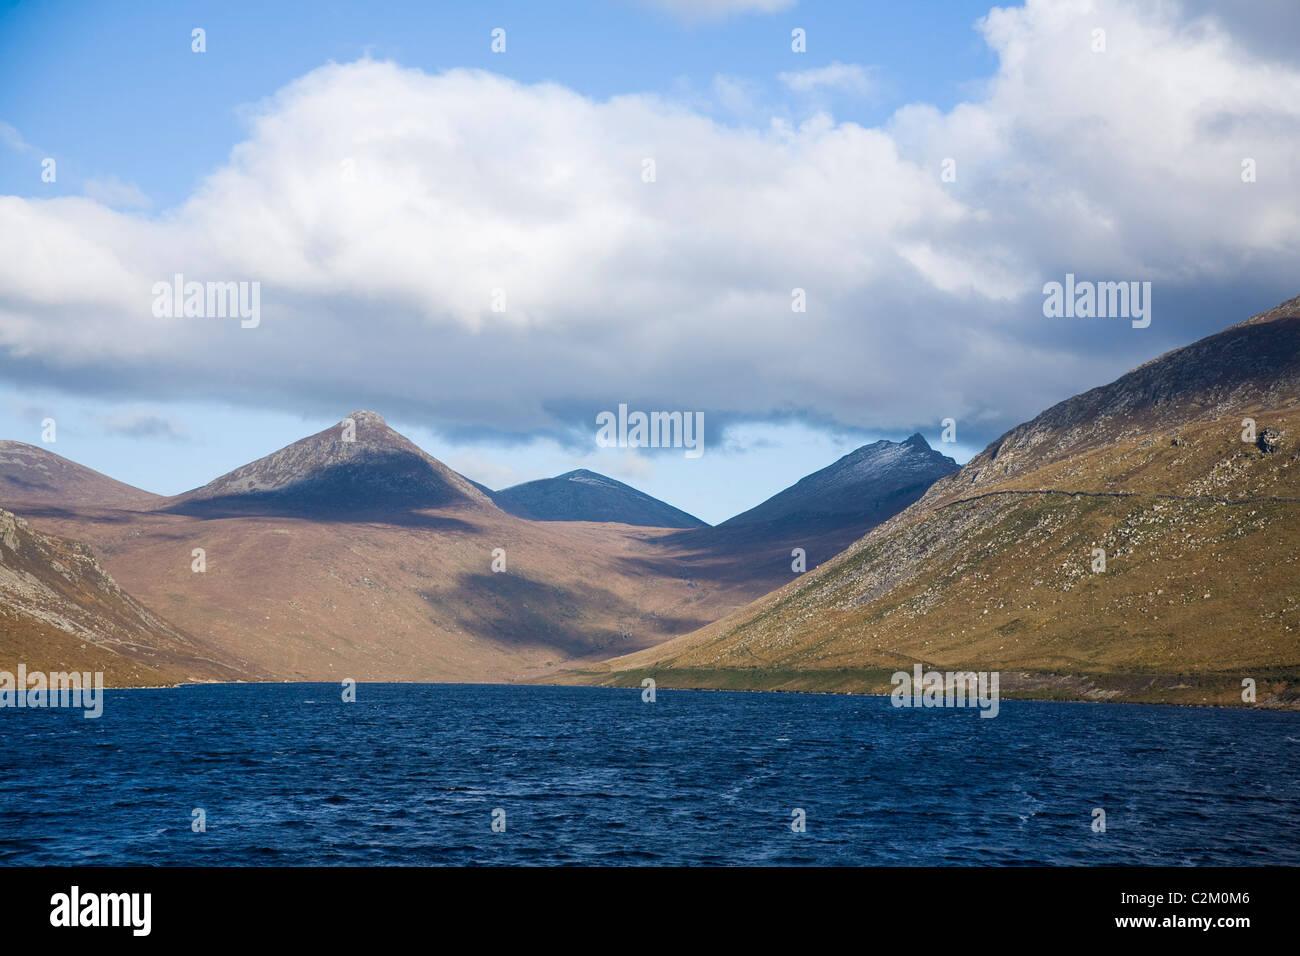 Vista nord lungo la Valle silenziosa serbatoio, Mourne Mountains, County Down, Irlanda del Nord. Immagini Stock